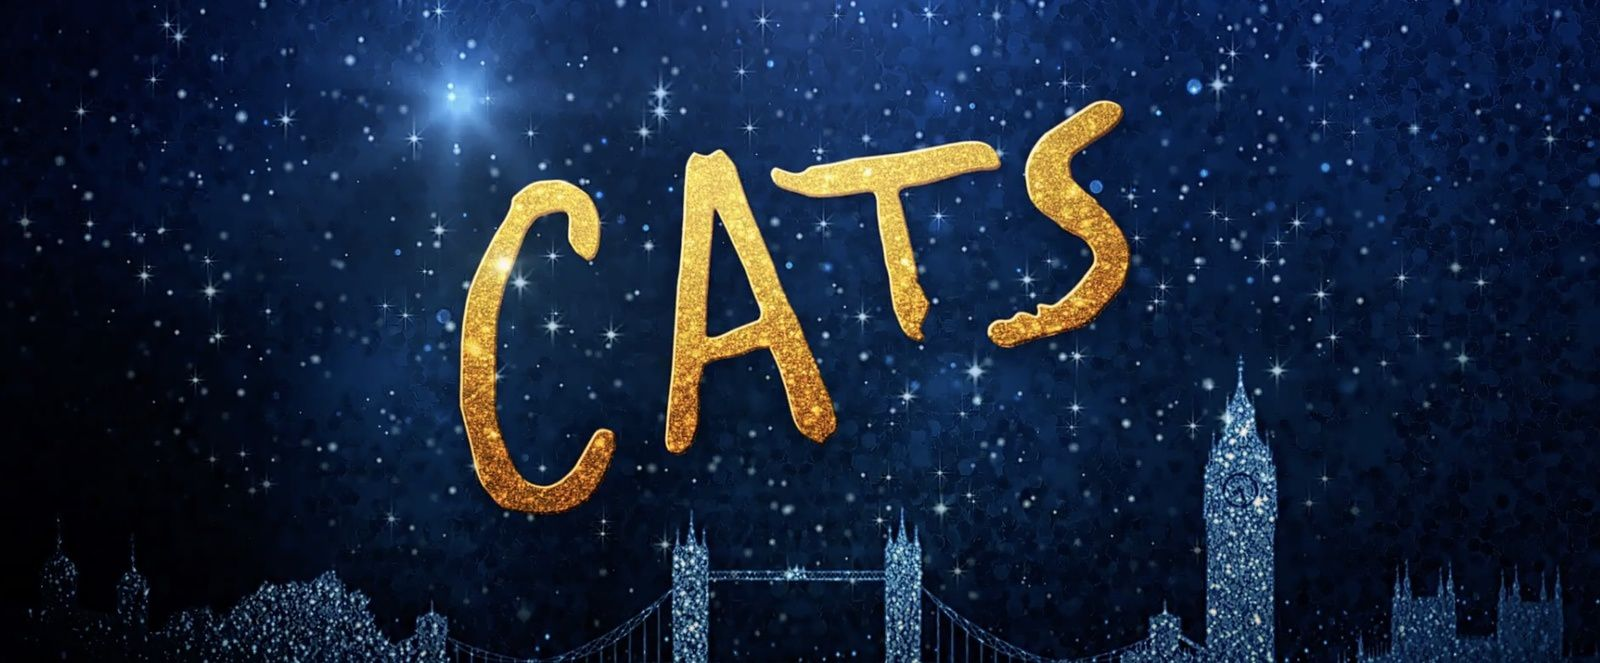 Nouvelle bande-annonce du film musical Cats, réalisé par Tom Hooper.